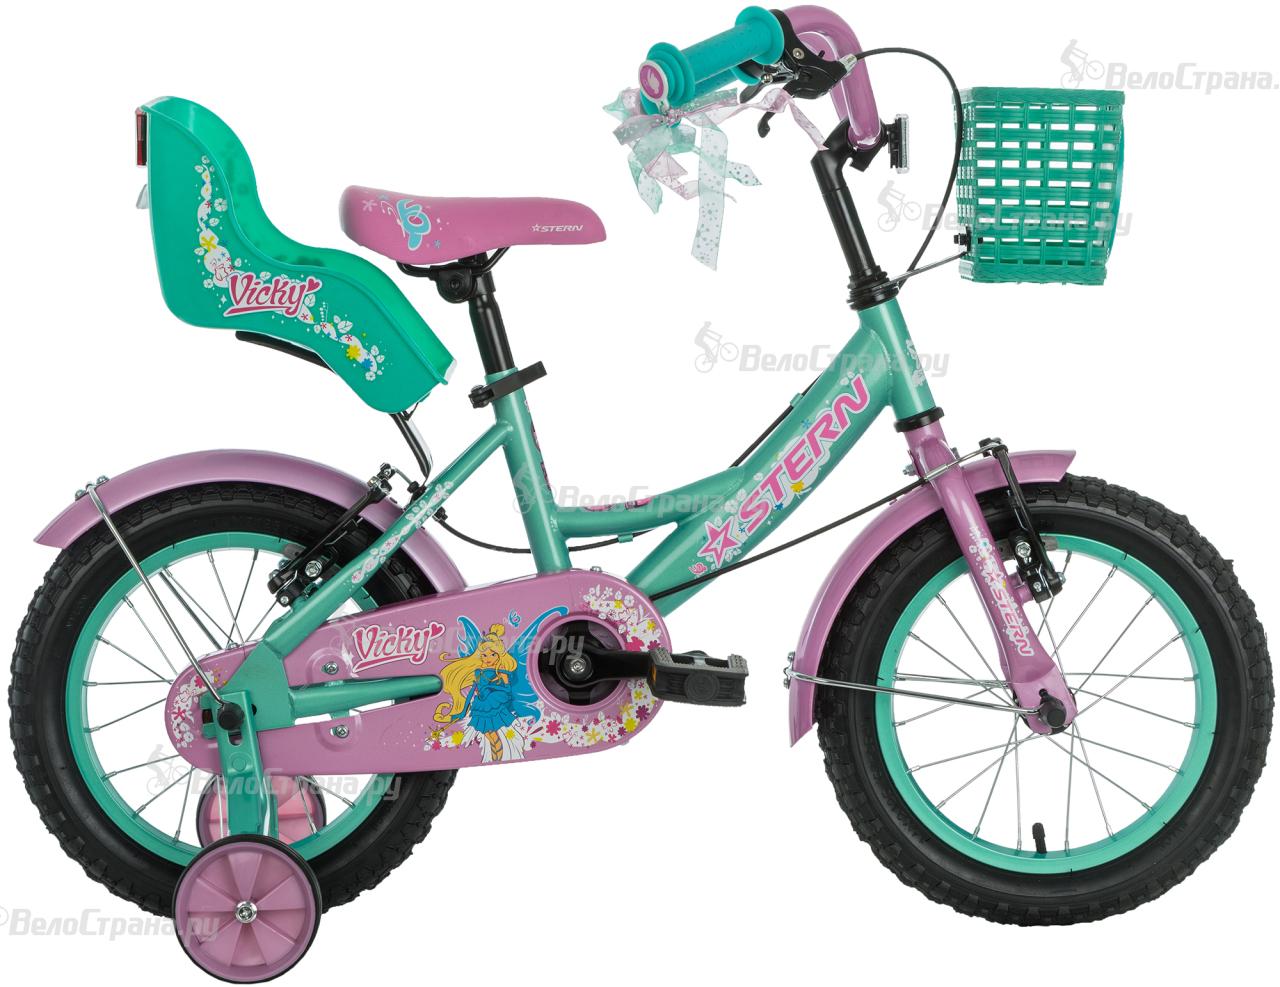 Велосипед Stern Vicky 14 (2017) велосипед stern kidster transformer 12 2017